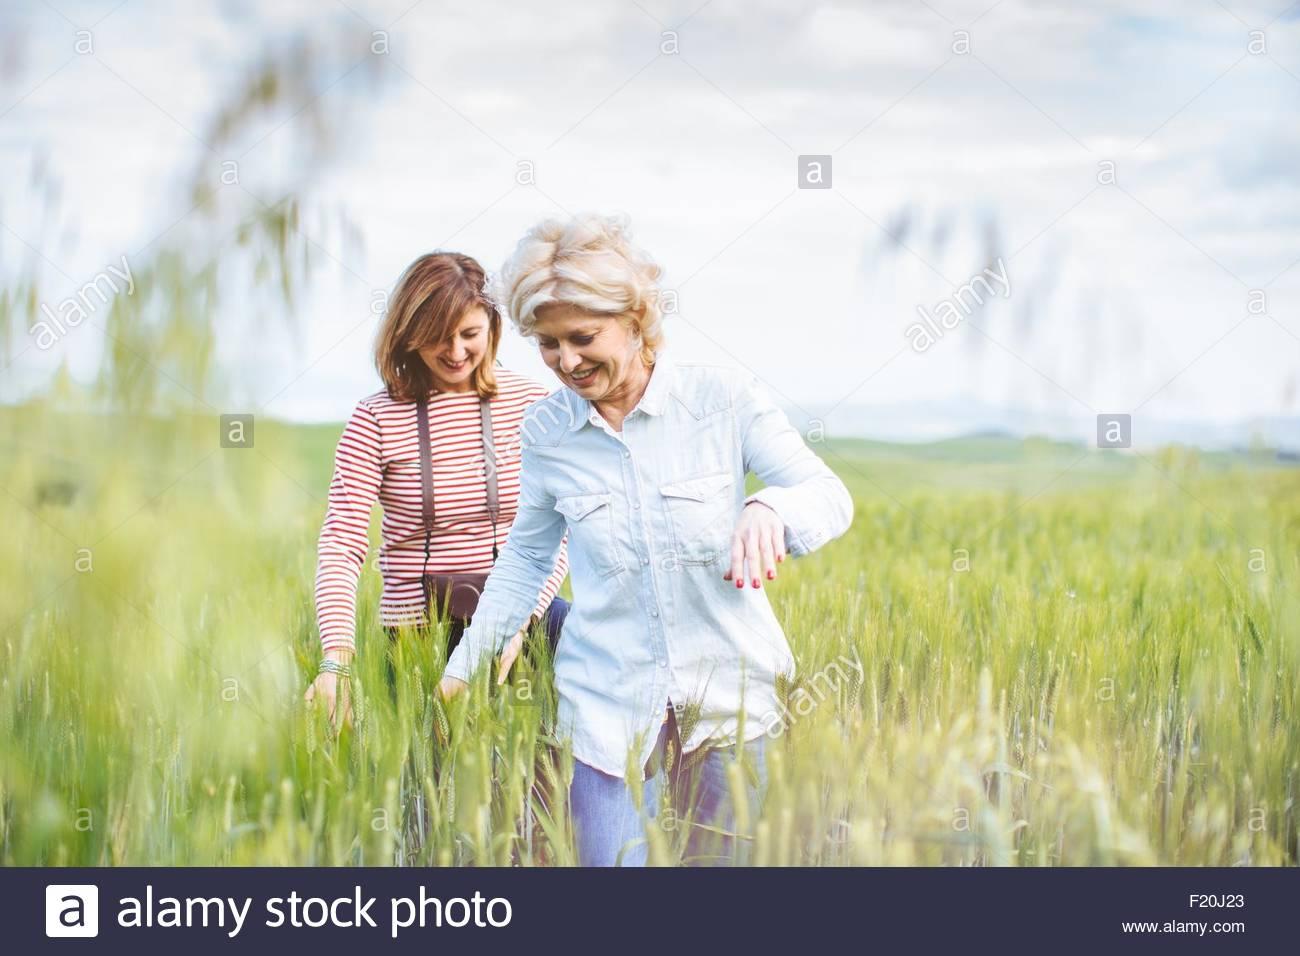 Deux amis de sexe féminin biking in wheatfield, Toscane, Italie Photo Stock